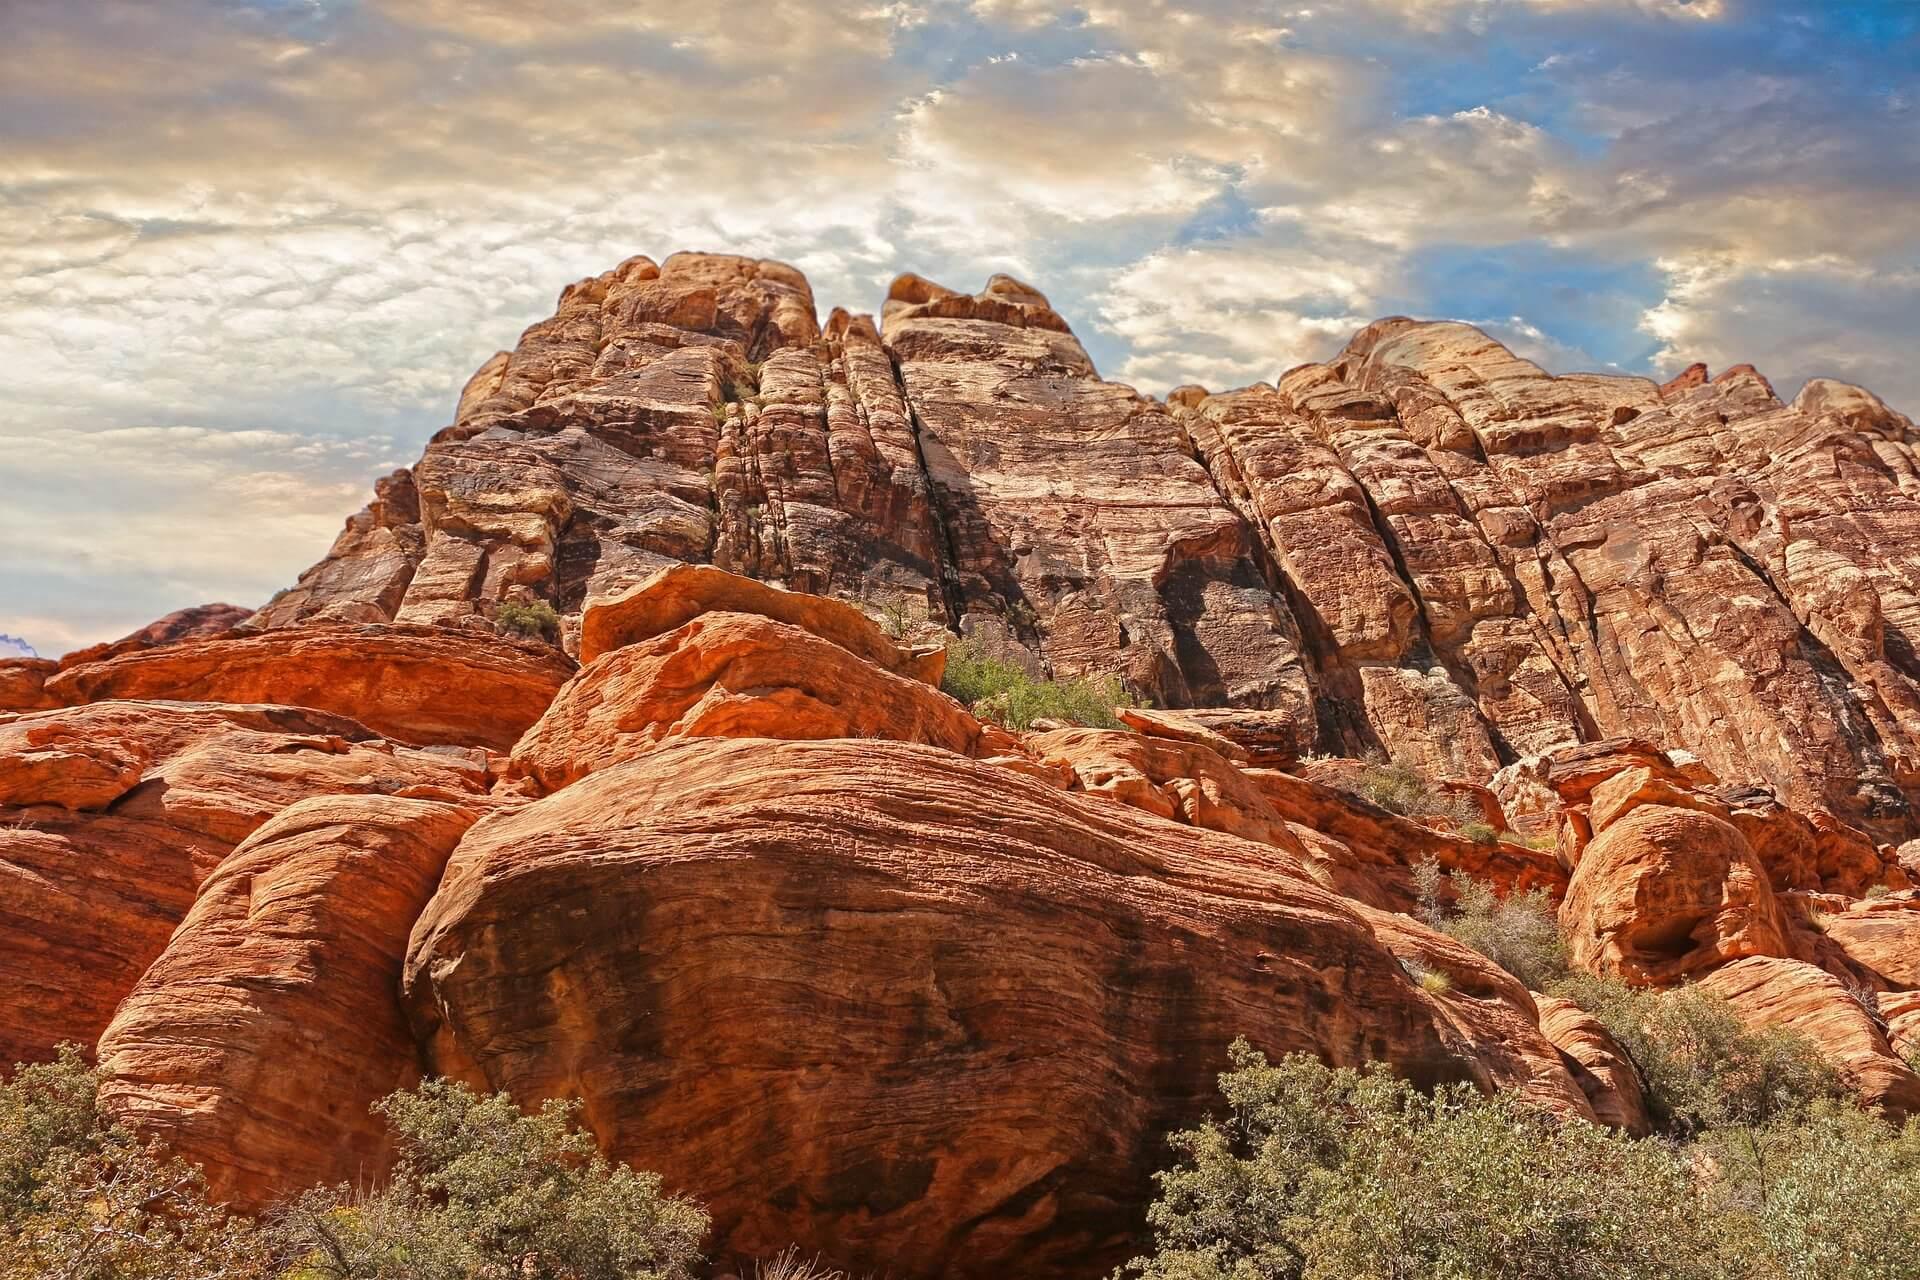 mountains-1303620_1920 (2)